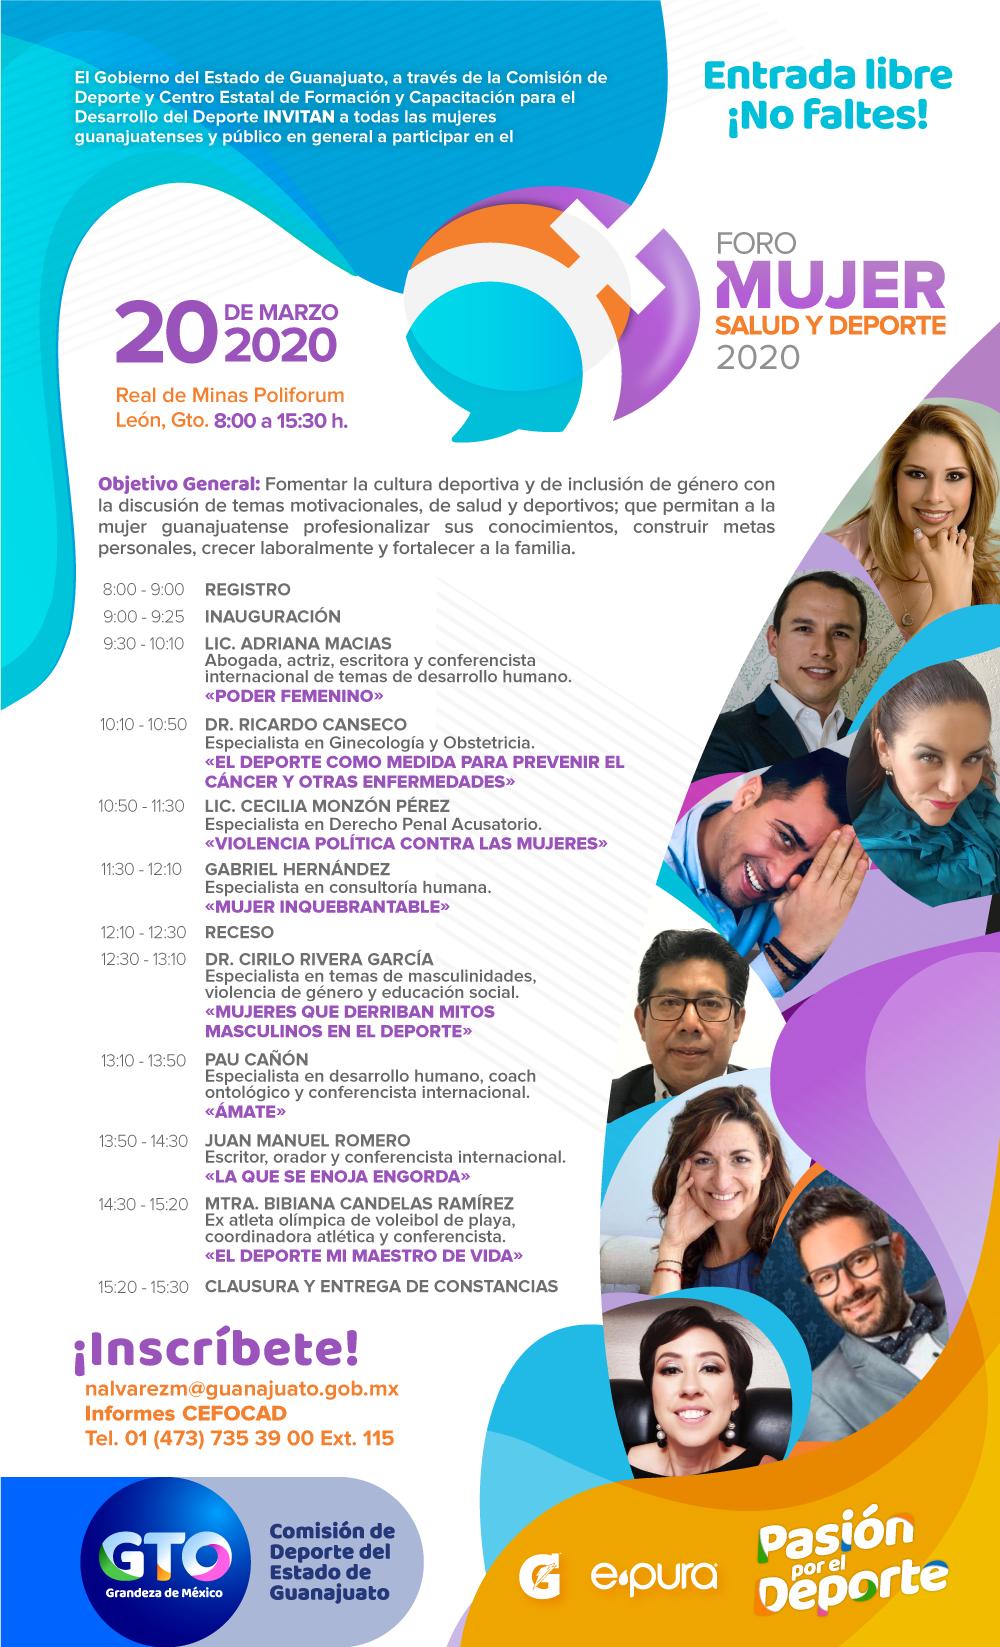 PROGRAMA-FORO-MUJER-2020